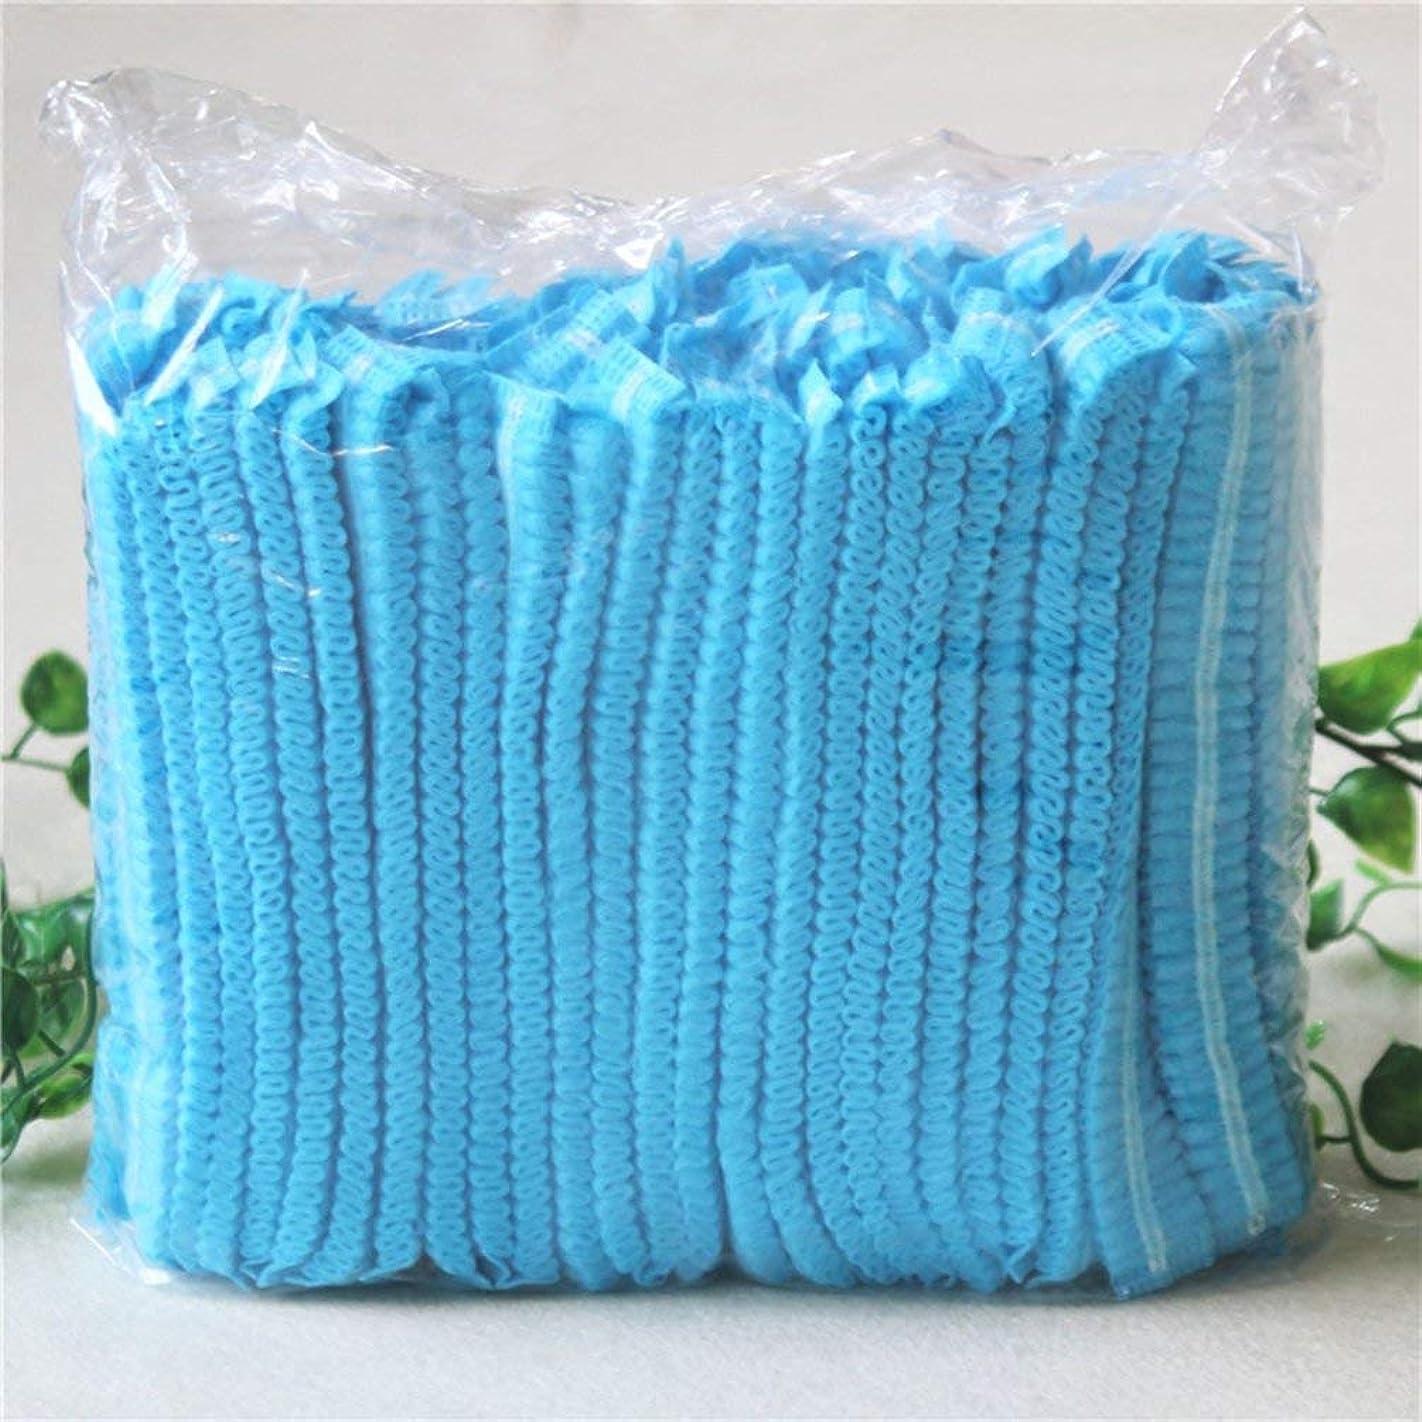 概要ボウリングベッツィトロットウッドシャワー入浴サロン用青100個使い捨て不織布防塵キャップ - 青